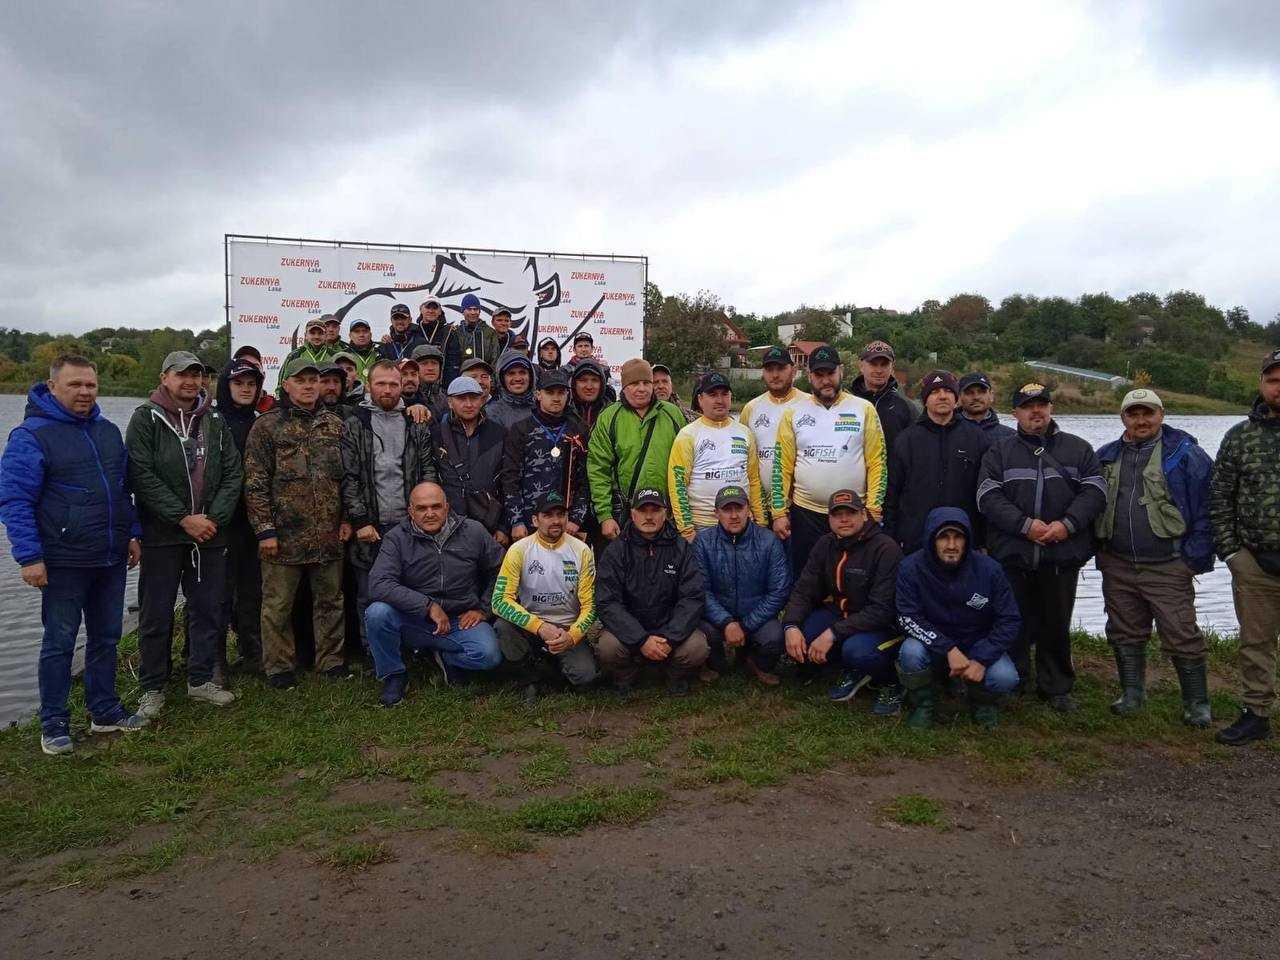 Рівненські риболови боролися за першість на чемпіонаті України у Вінниці